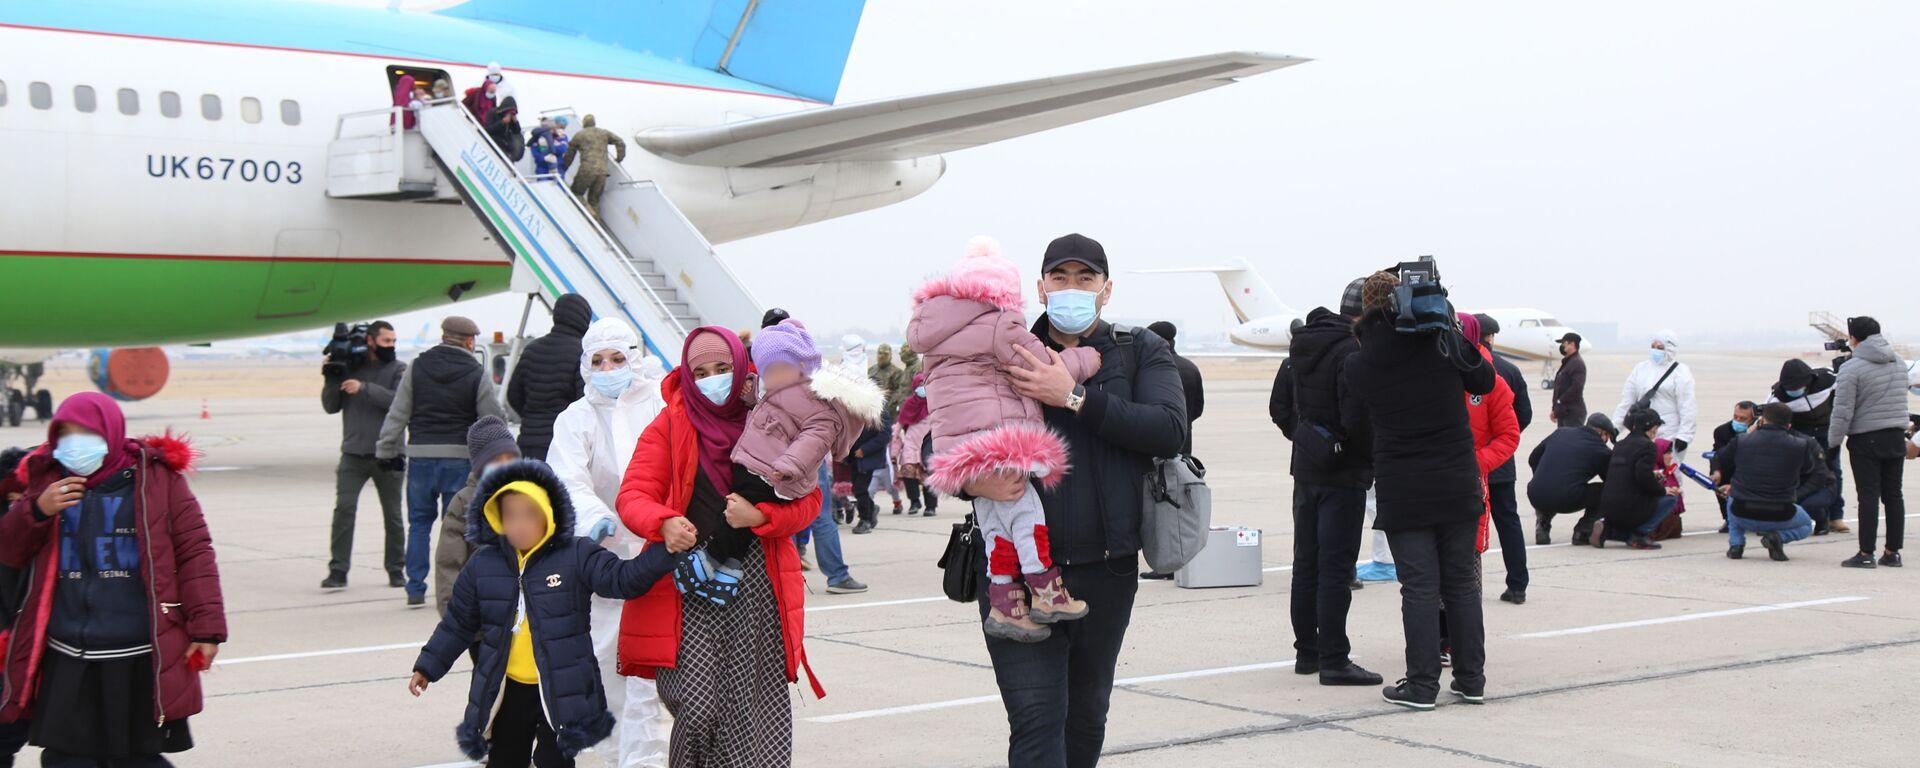 Власти Узбекистана вернули из Сирии почти 100 соотечественников - Sputnik Узбекистан, 1920, 26.03.2021